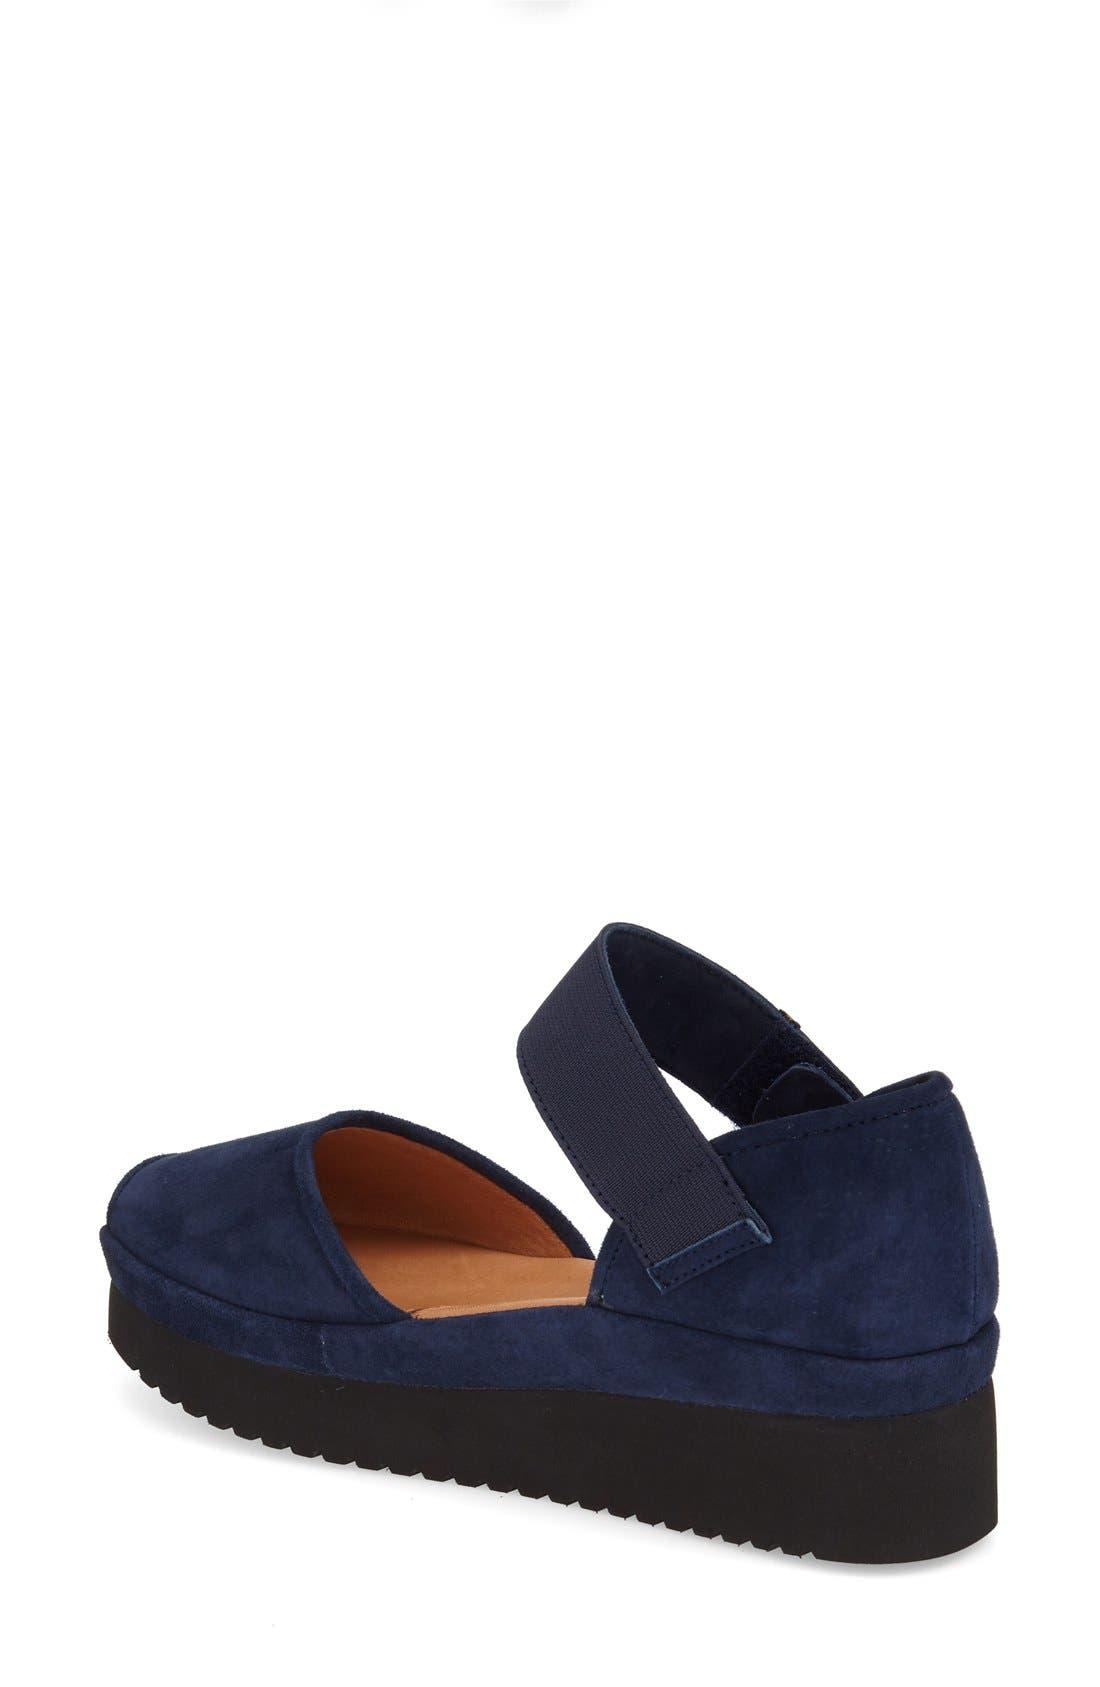 'Amadour' Platform Sandal,                             Alternate thumbnail 23, color,